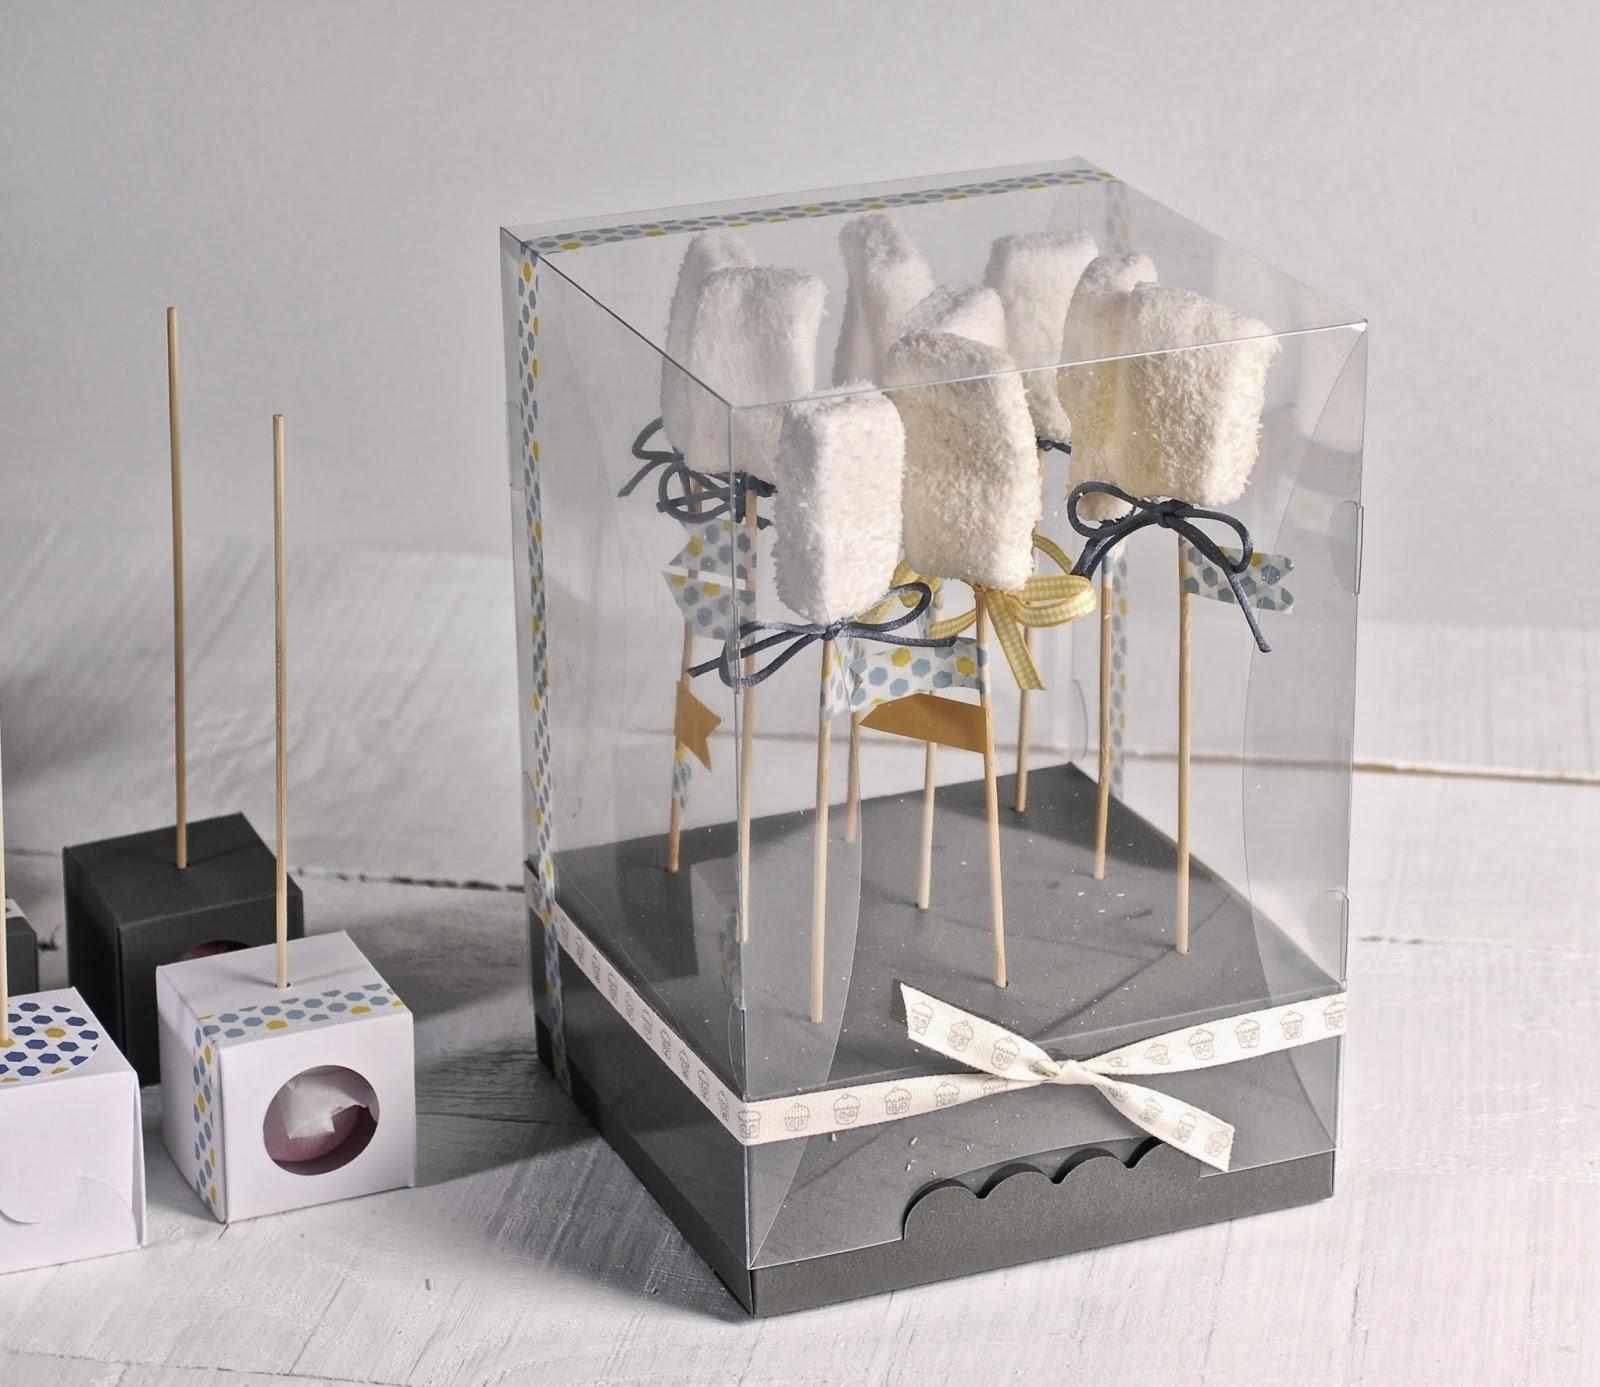 cajas baratas para repostería, cajas económicas para repostería, cajas originales para repostería, cajas para cake pops, dónde comprar cajas para cake pops